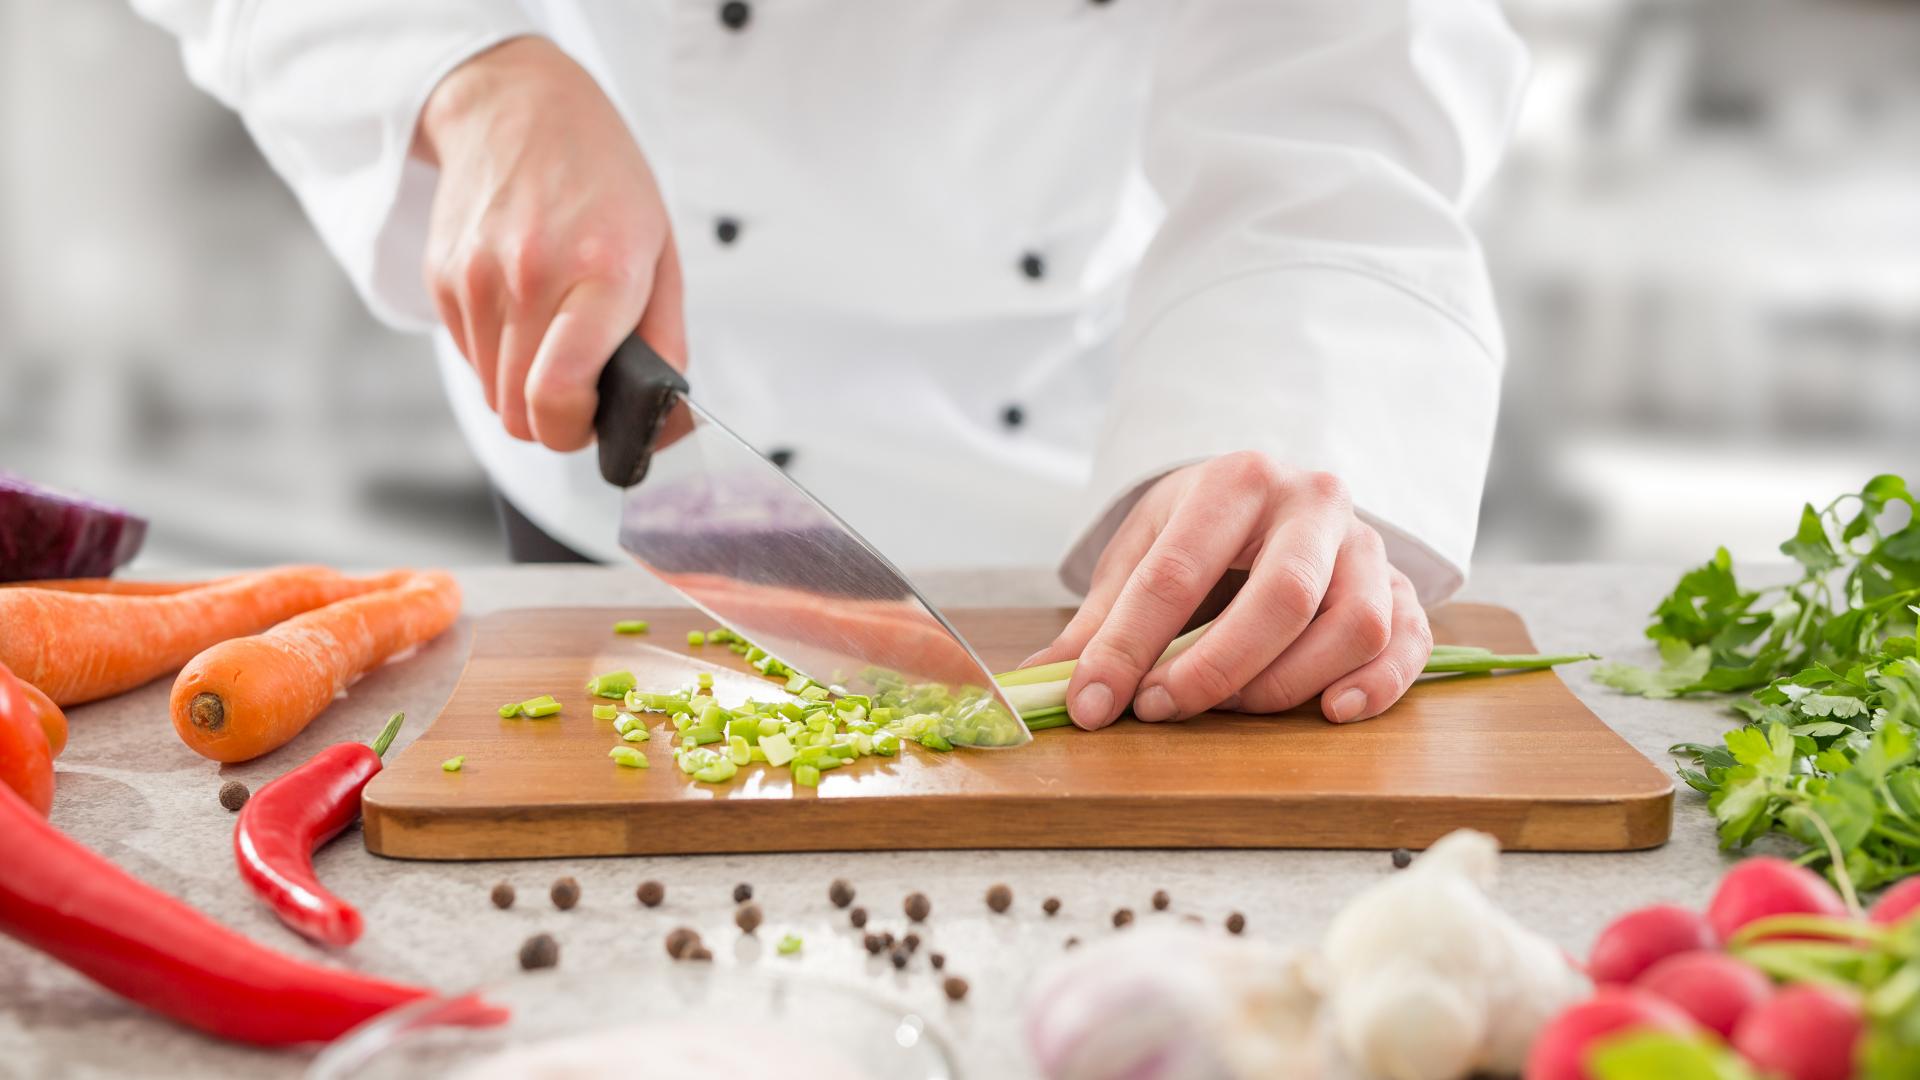 Formazione obbligatoria per addetto attività alimentari complesse (HACCP)